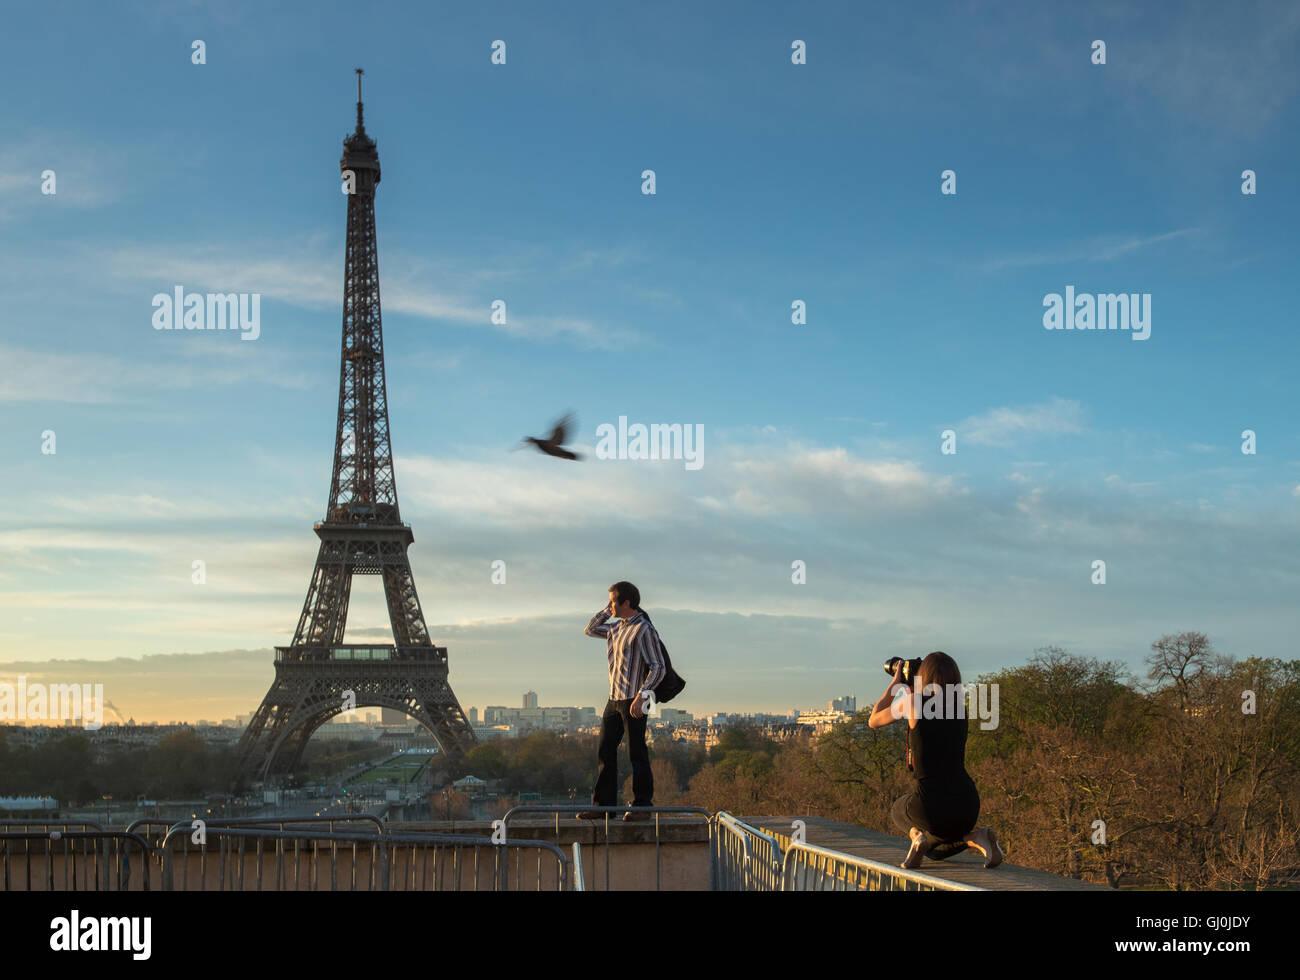 La photographie de mode et d'oiseaux au Palais de Chaillot, avec la Tour Eiffel en toile de fond, Paris, France Photo Stock